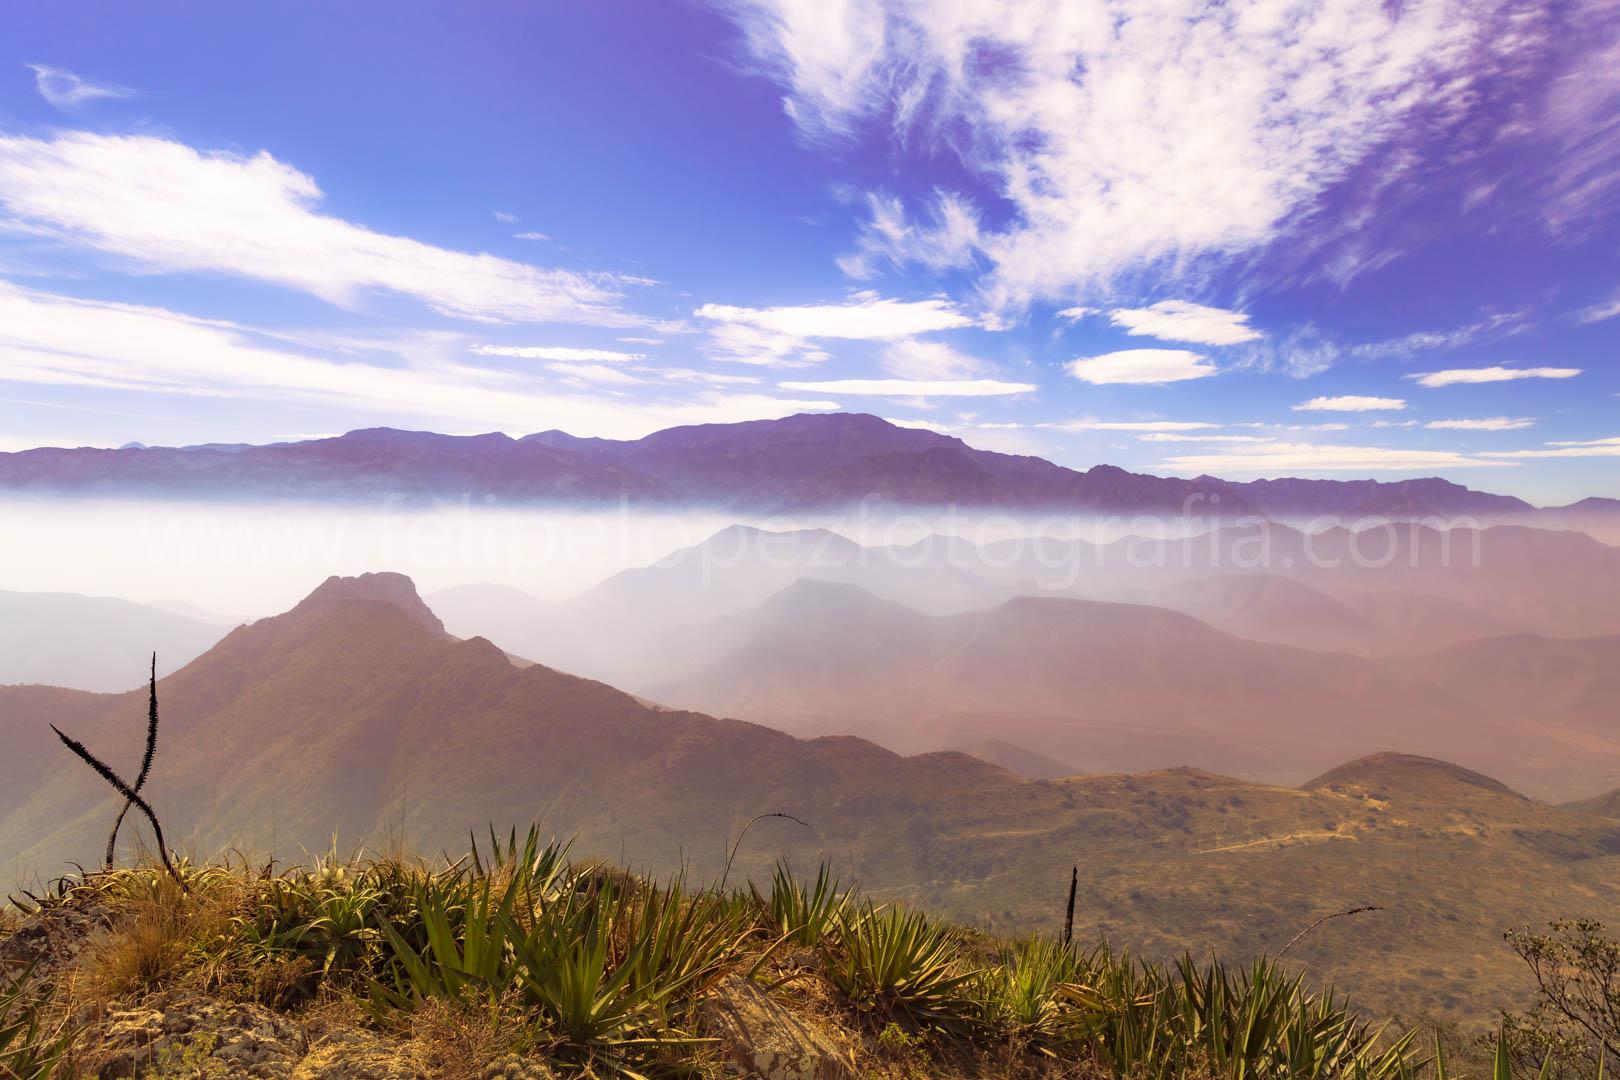 Fotos de Paisaje de Montañas Rios y Urbanas   Neblina en la Sierra – Fotos  de Paisaje de Montañas Rios y Urbanas